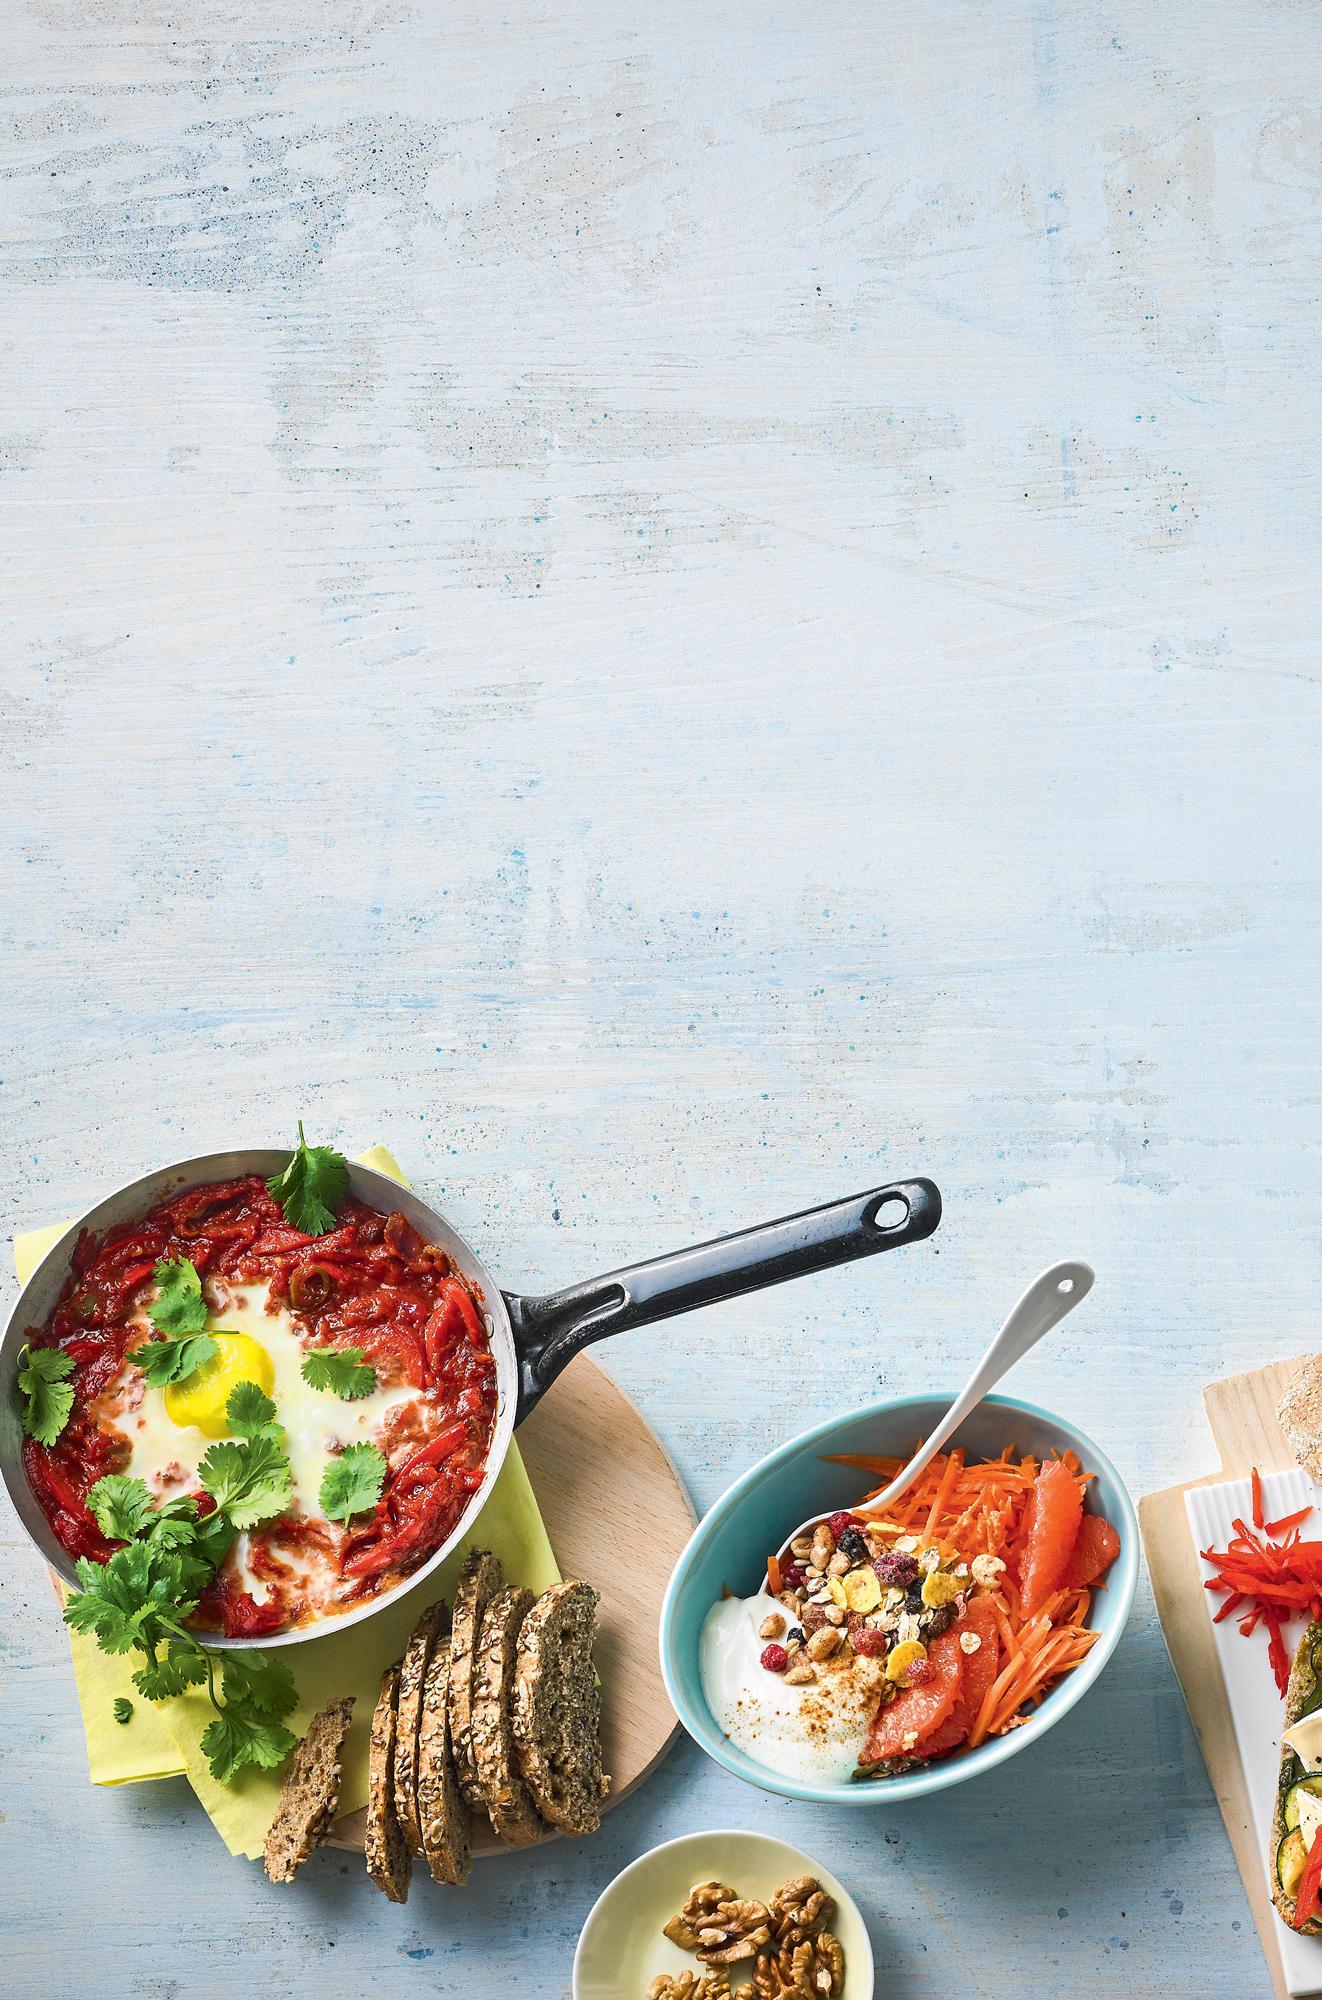 Mittagessen: Diese Rezepte sind in 15 Minuten fertig | BRIGITTE.de